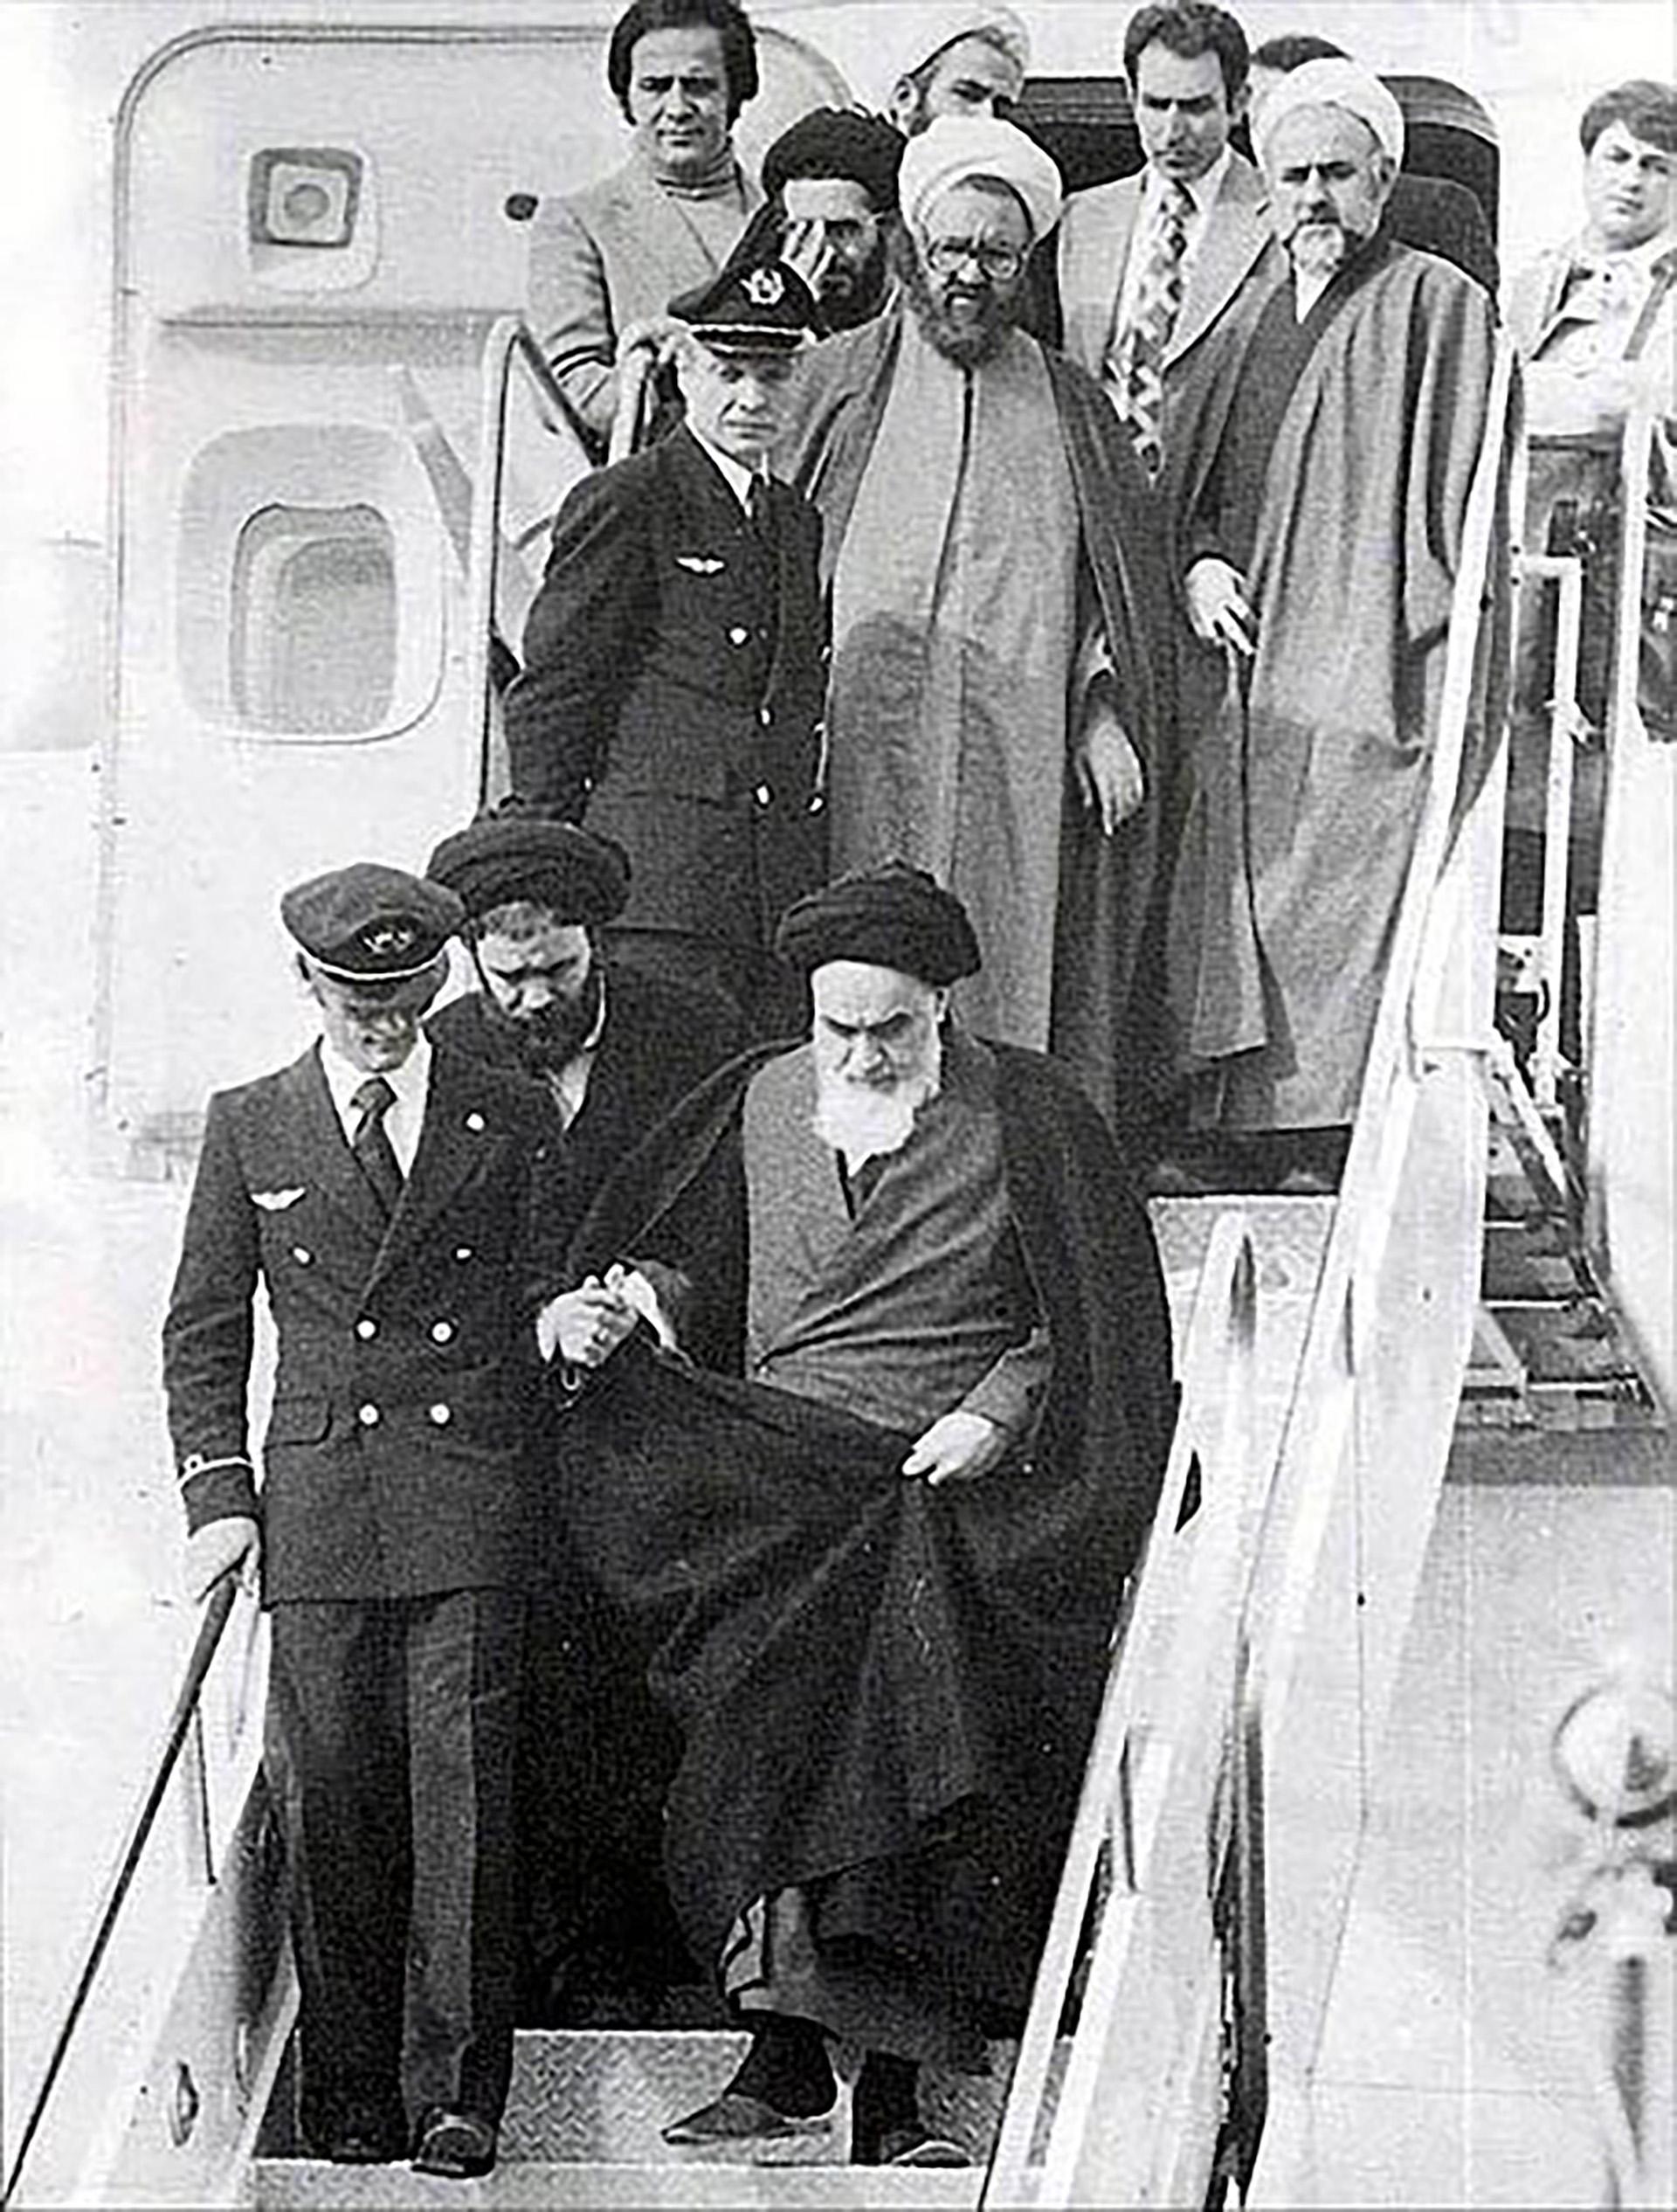 El ayatolá Ruhollah Khomeini desciende del avión que lo trajo de Francia tras 15 años de exilio